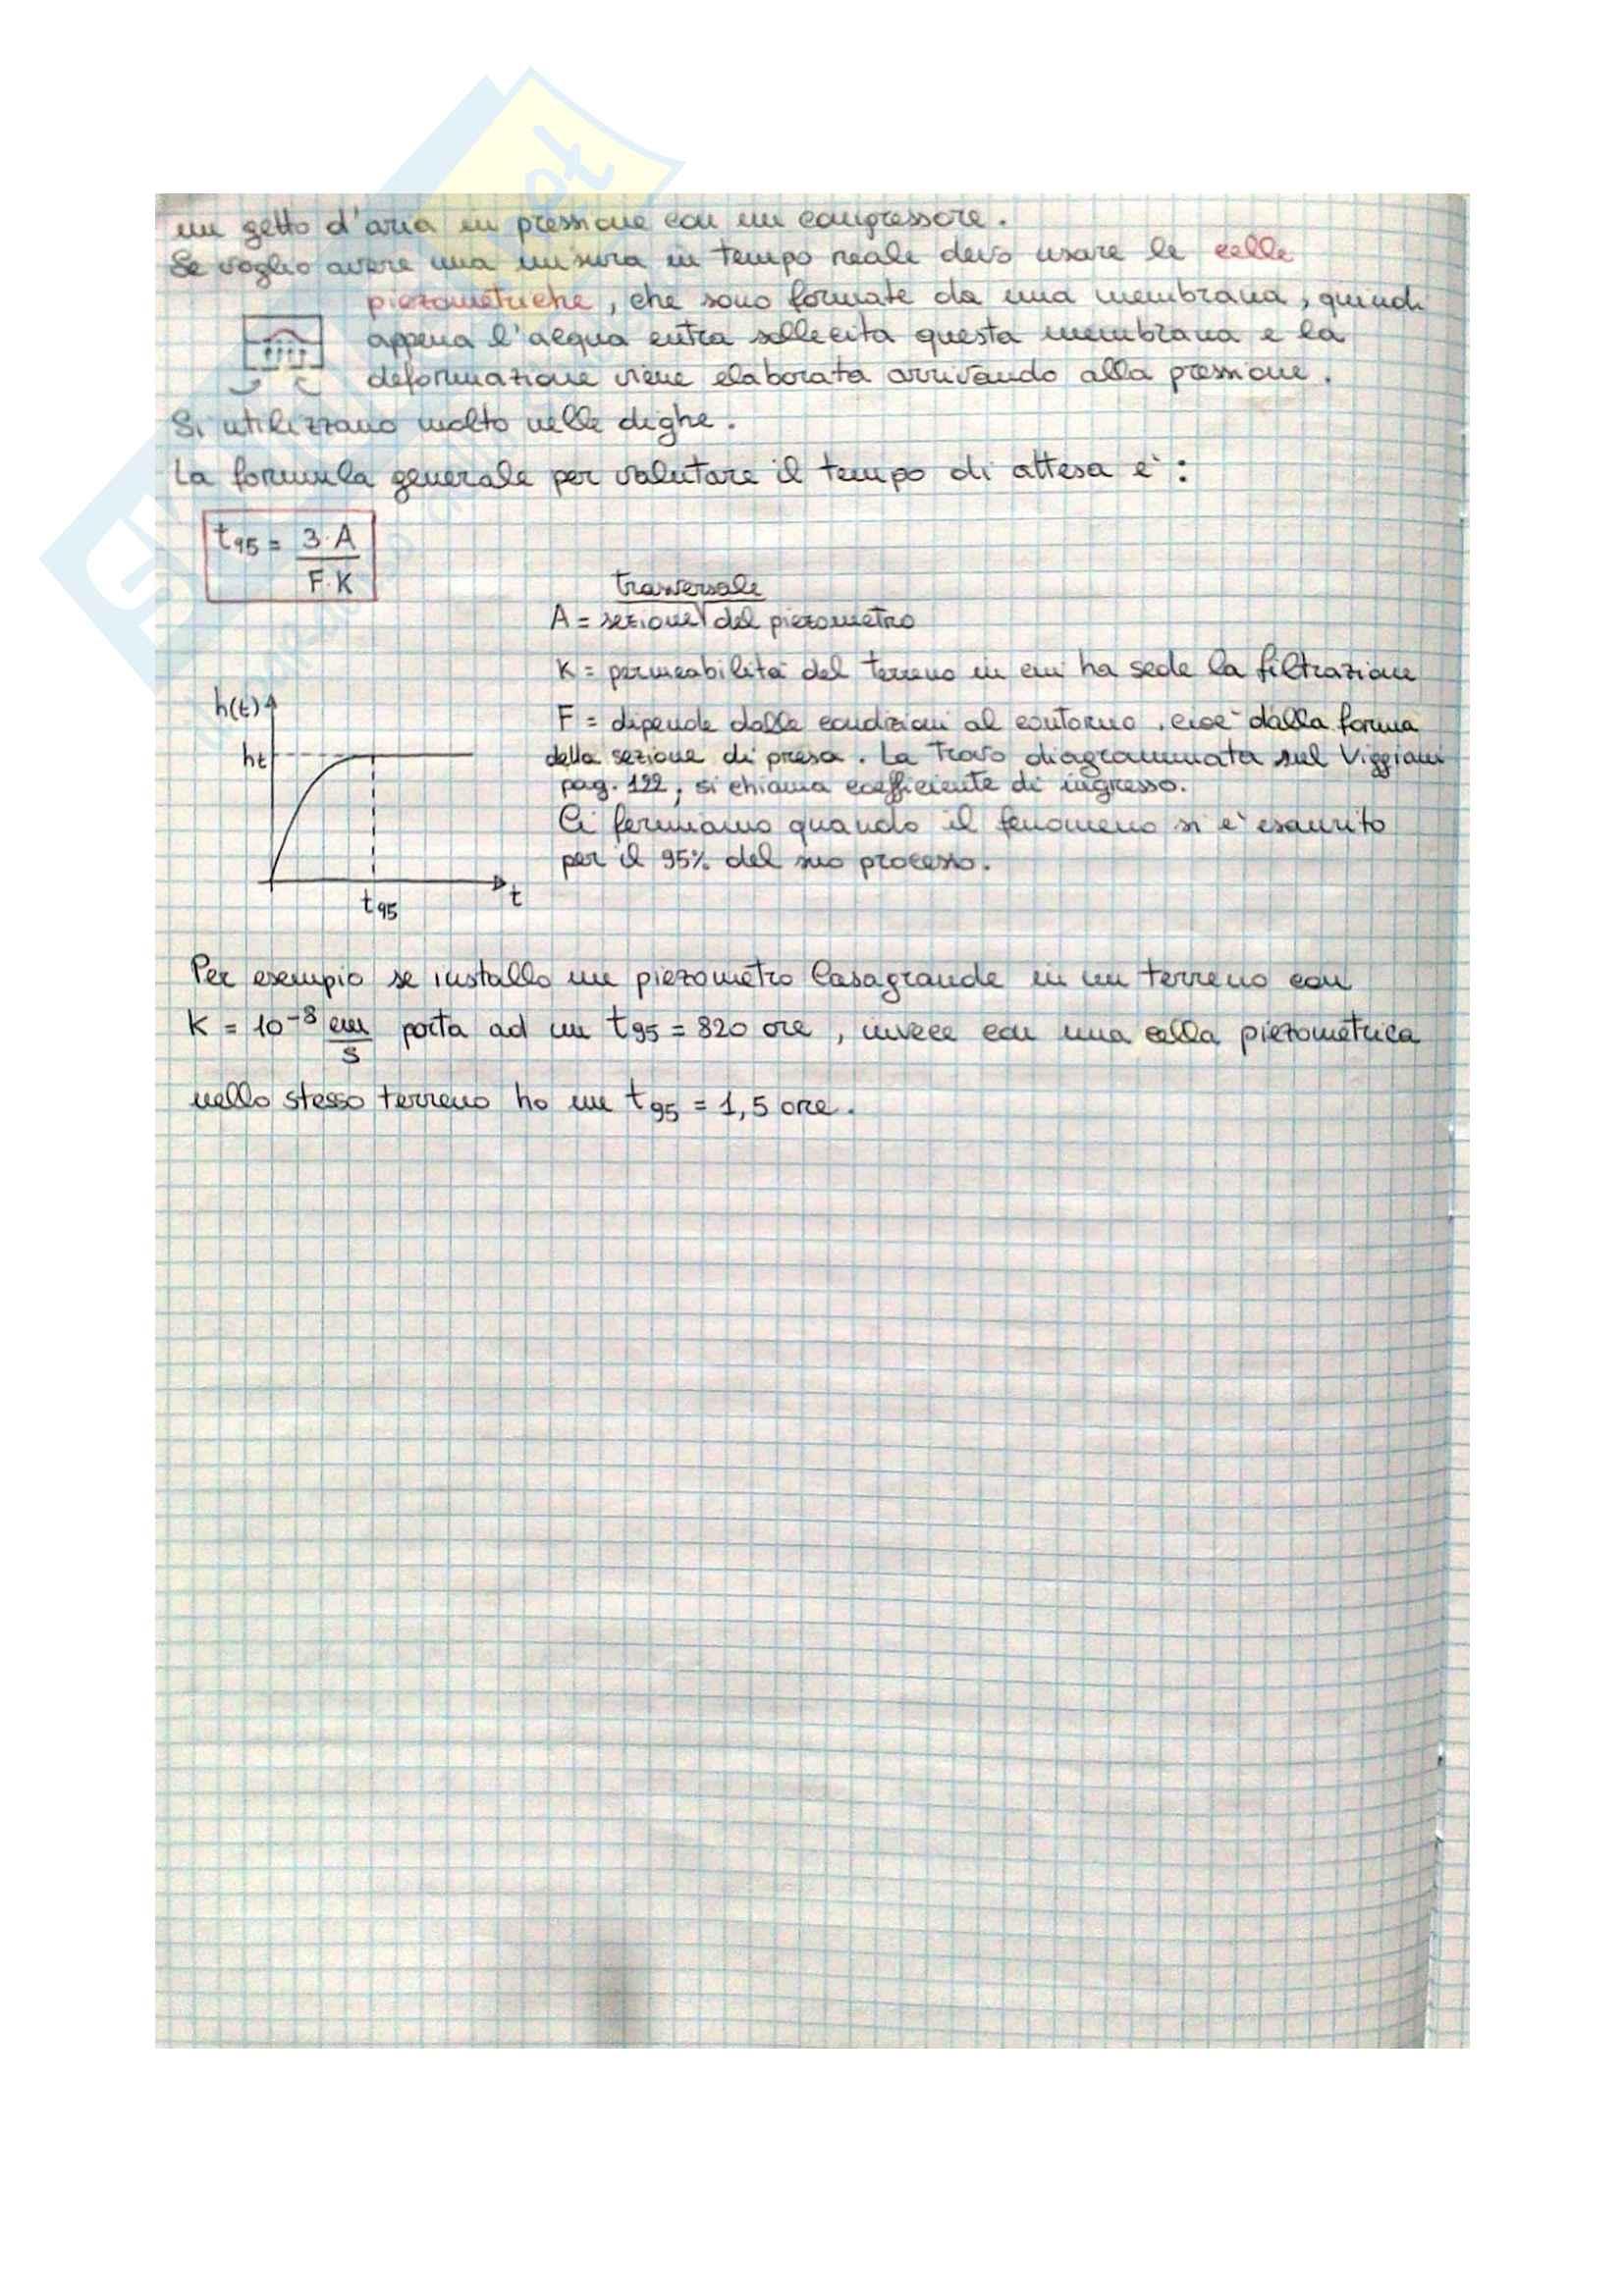 Appunti Fondazioni Pag. 26